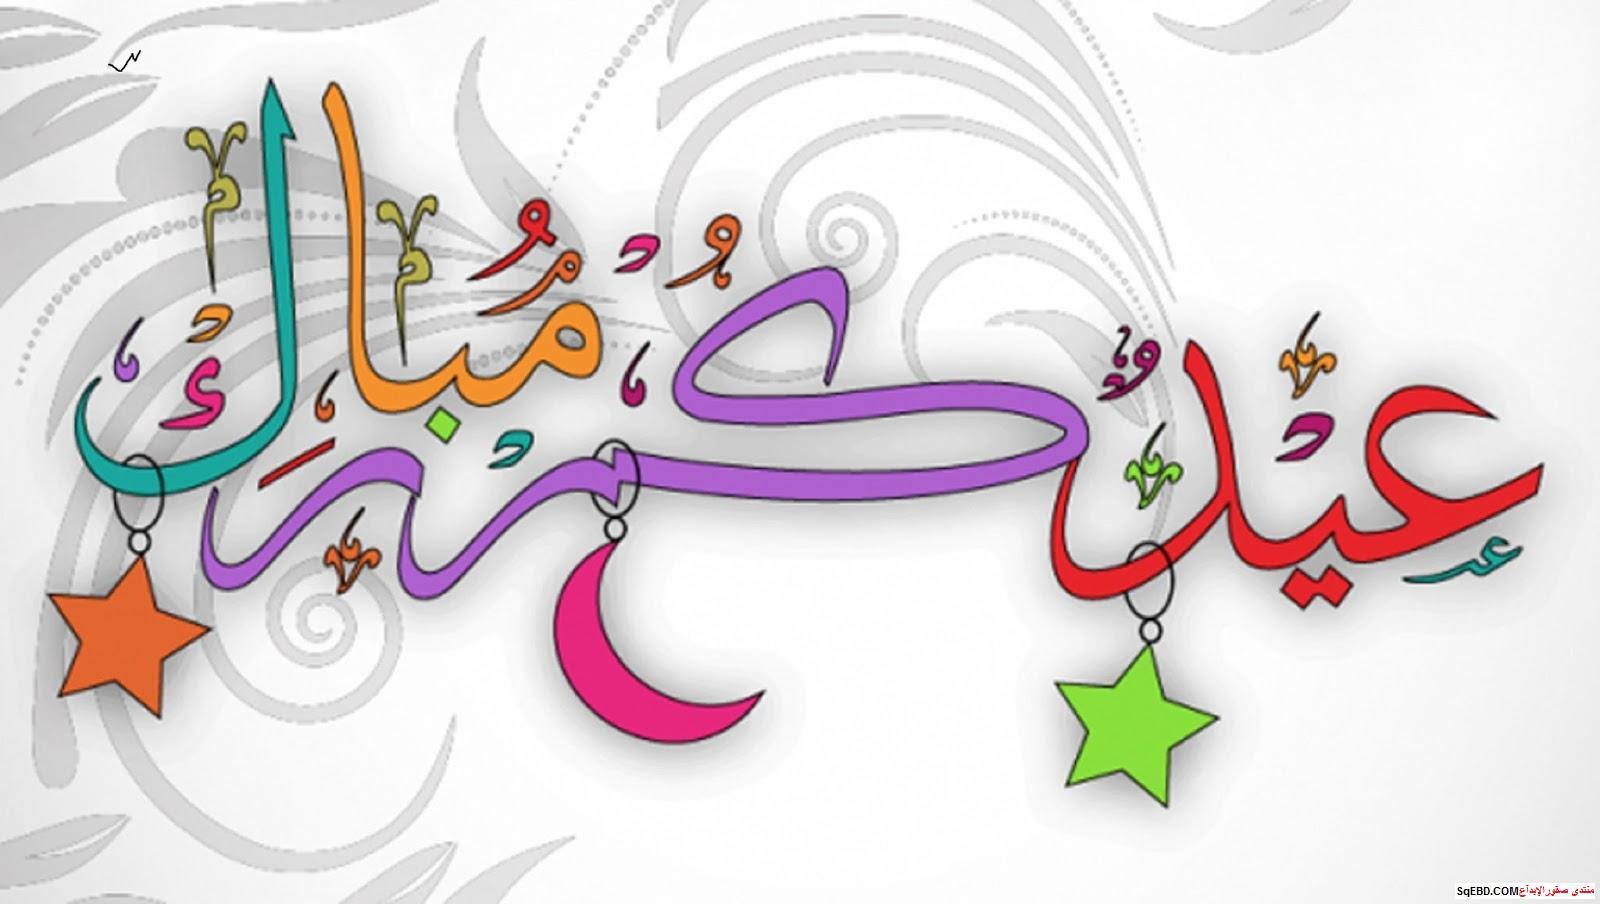 بالصور صور تهنئه للعيد , اجمل الصور المبهجه للعيد 2937 8